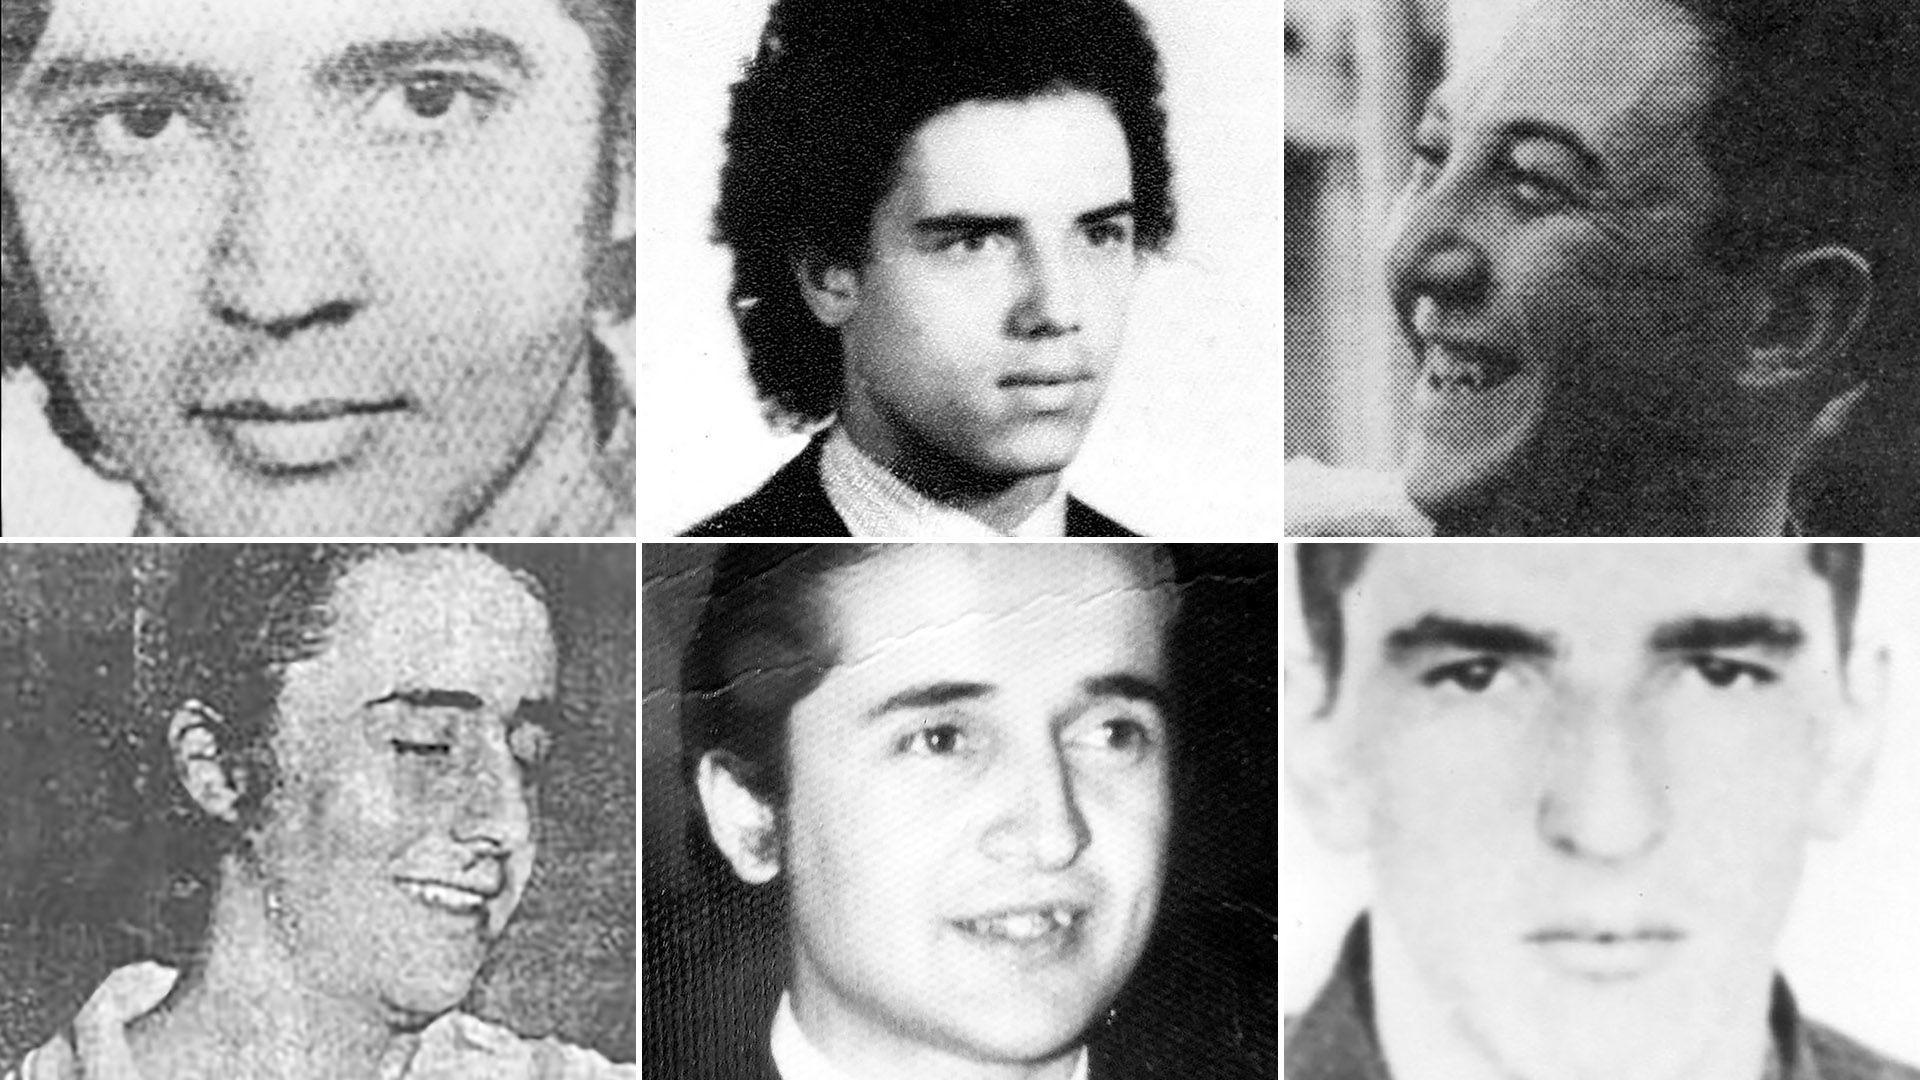 Conscriptos desaparecidos